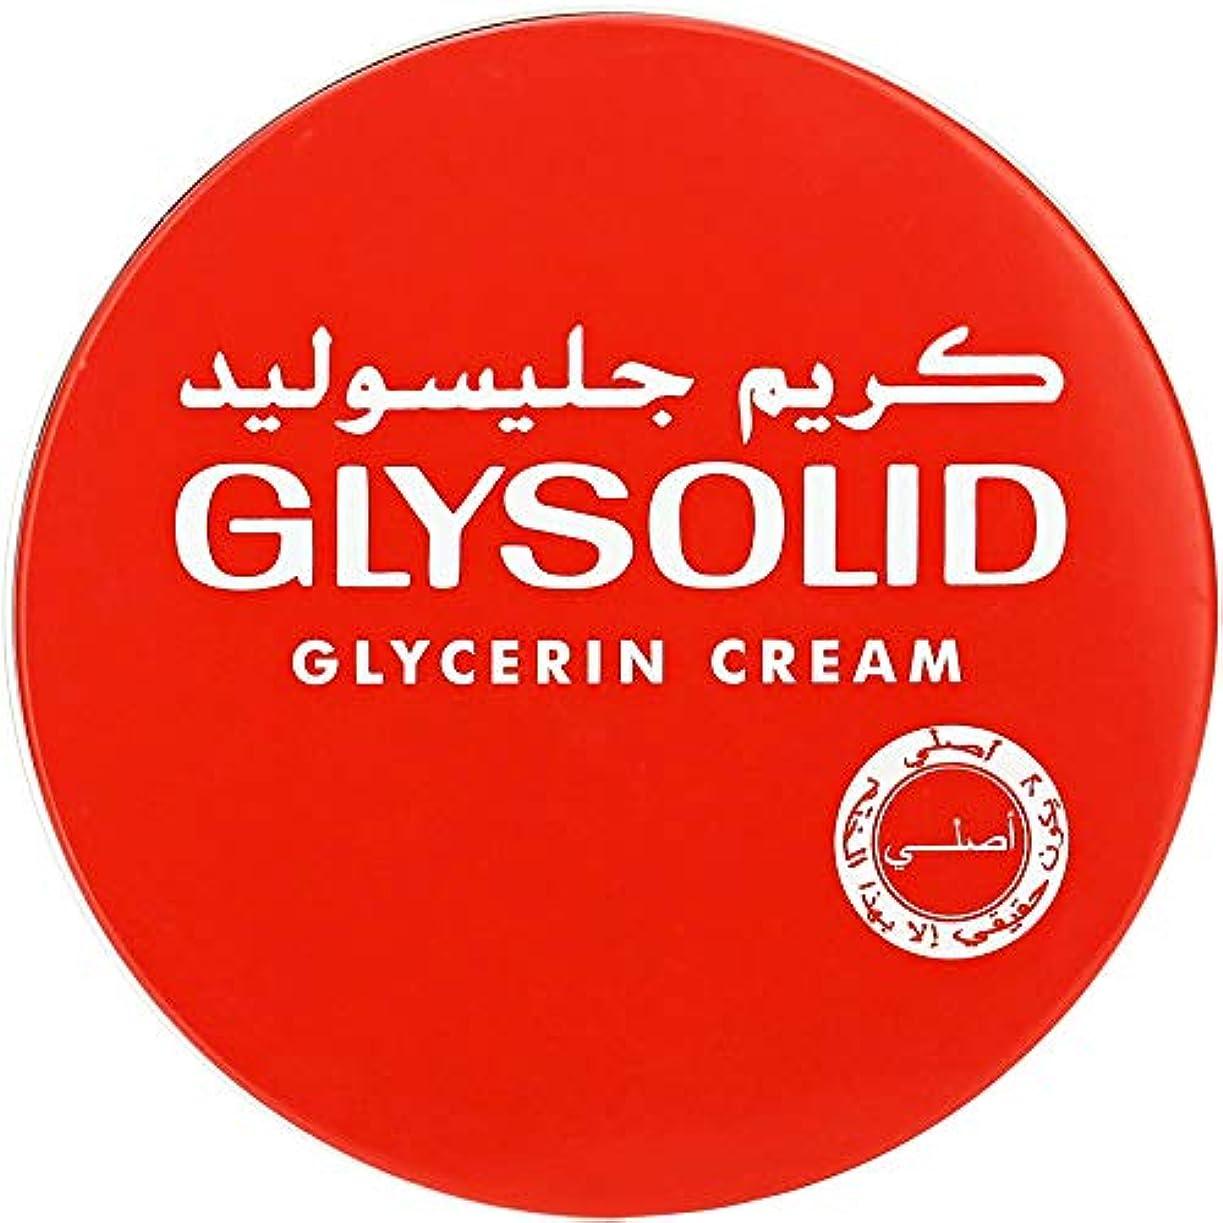 傾向があります無人ジャンプGlysolid Cream Face Moisturizers For Dry Skin Hands Feet Elbow Body Softening With Glycerin Keeping Your Skin...